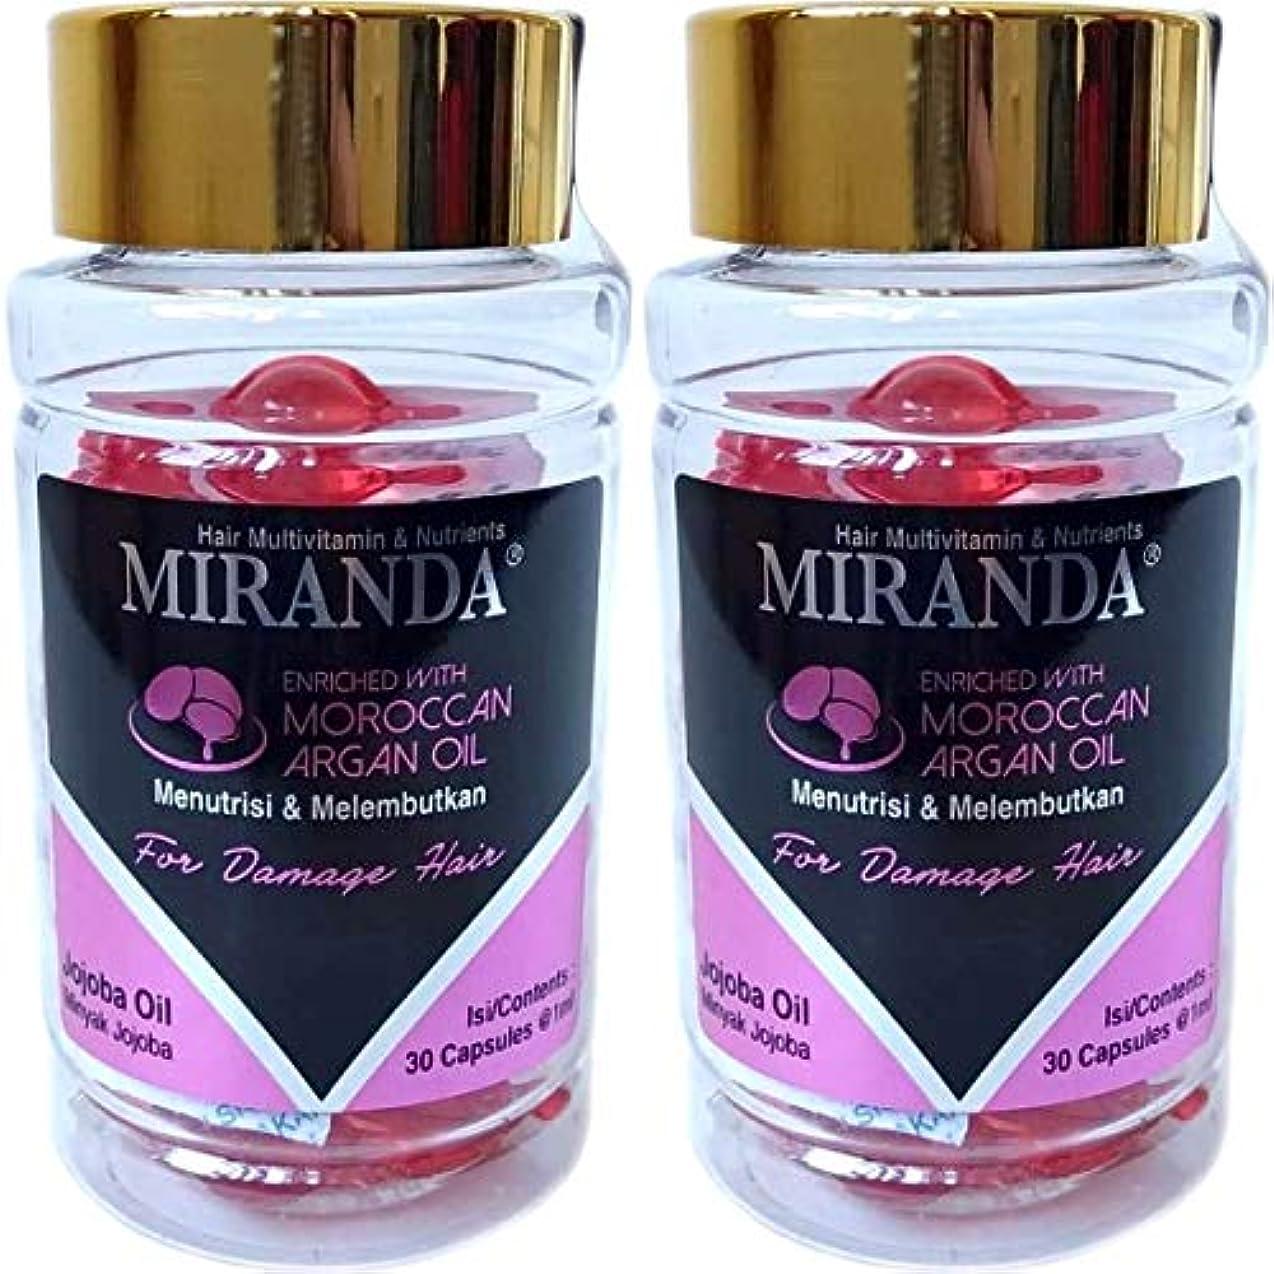 ふりをする戻すオーバーフローMIRANDA ミランダ Hair Multivitamin&Nutrients ヘアマルチビタミン ニュートリエンツ 洗い流さないヘアトリートメント 30粒入ボトル×2個セット Jojoba oil ホホバオイル [海外直送品]